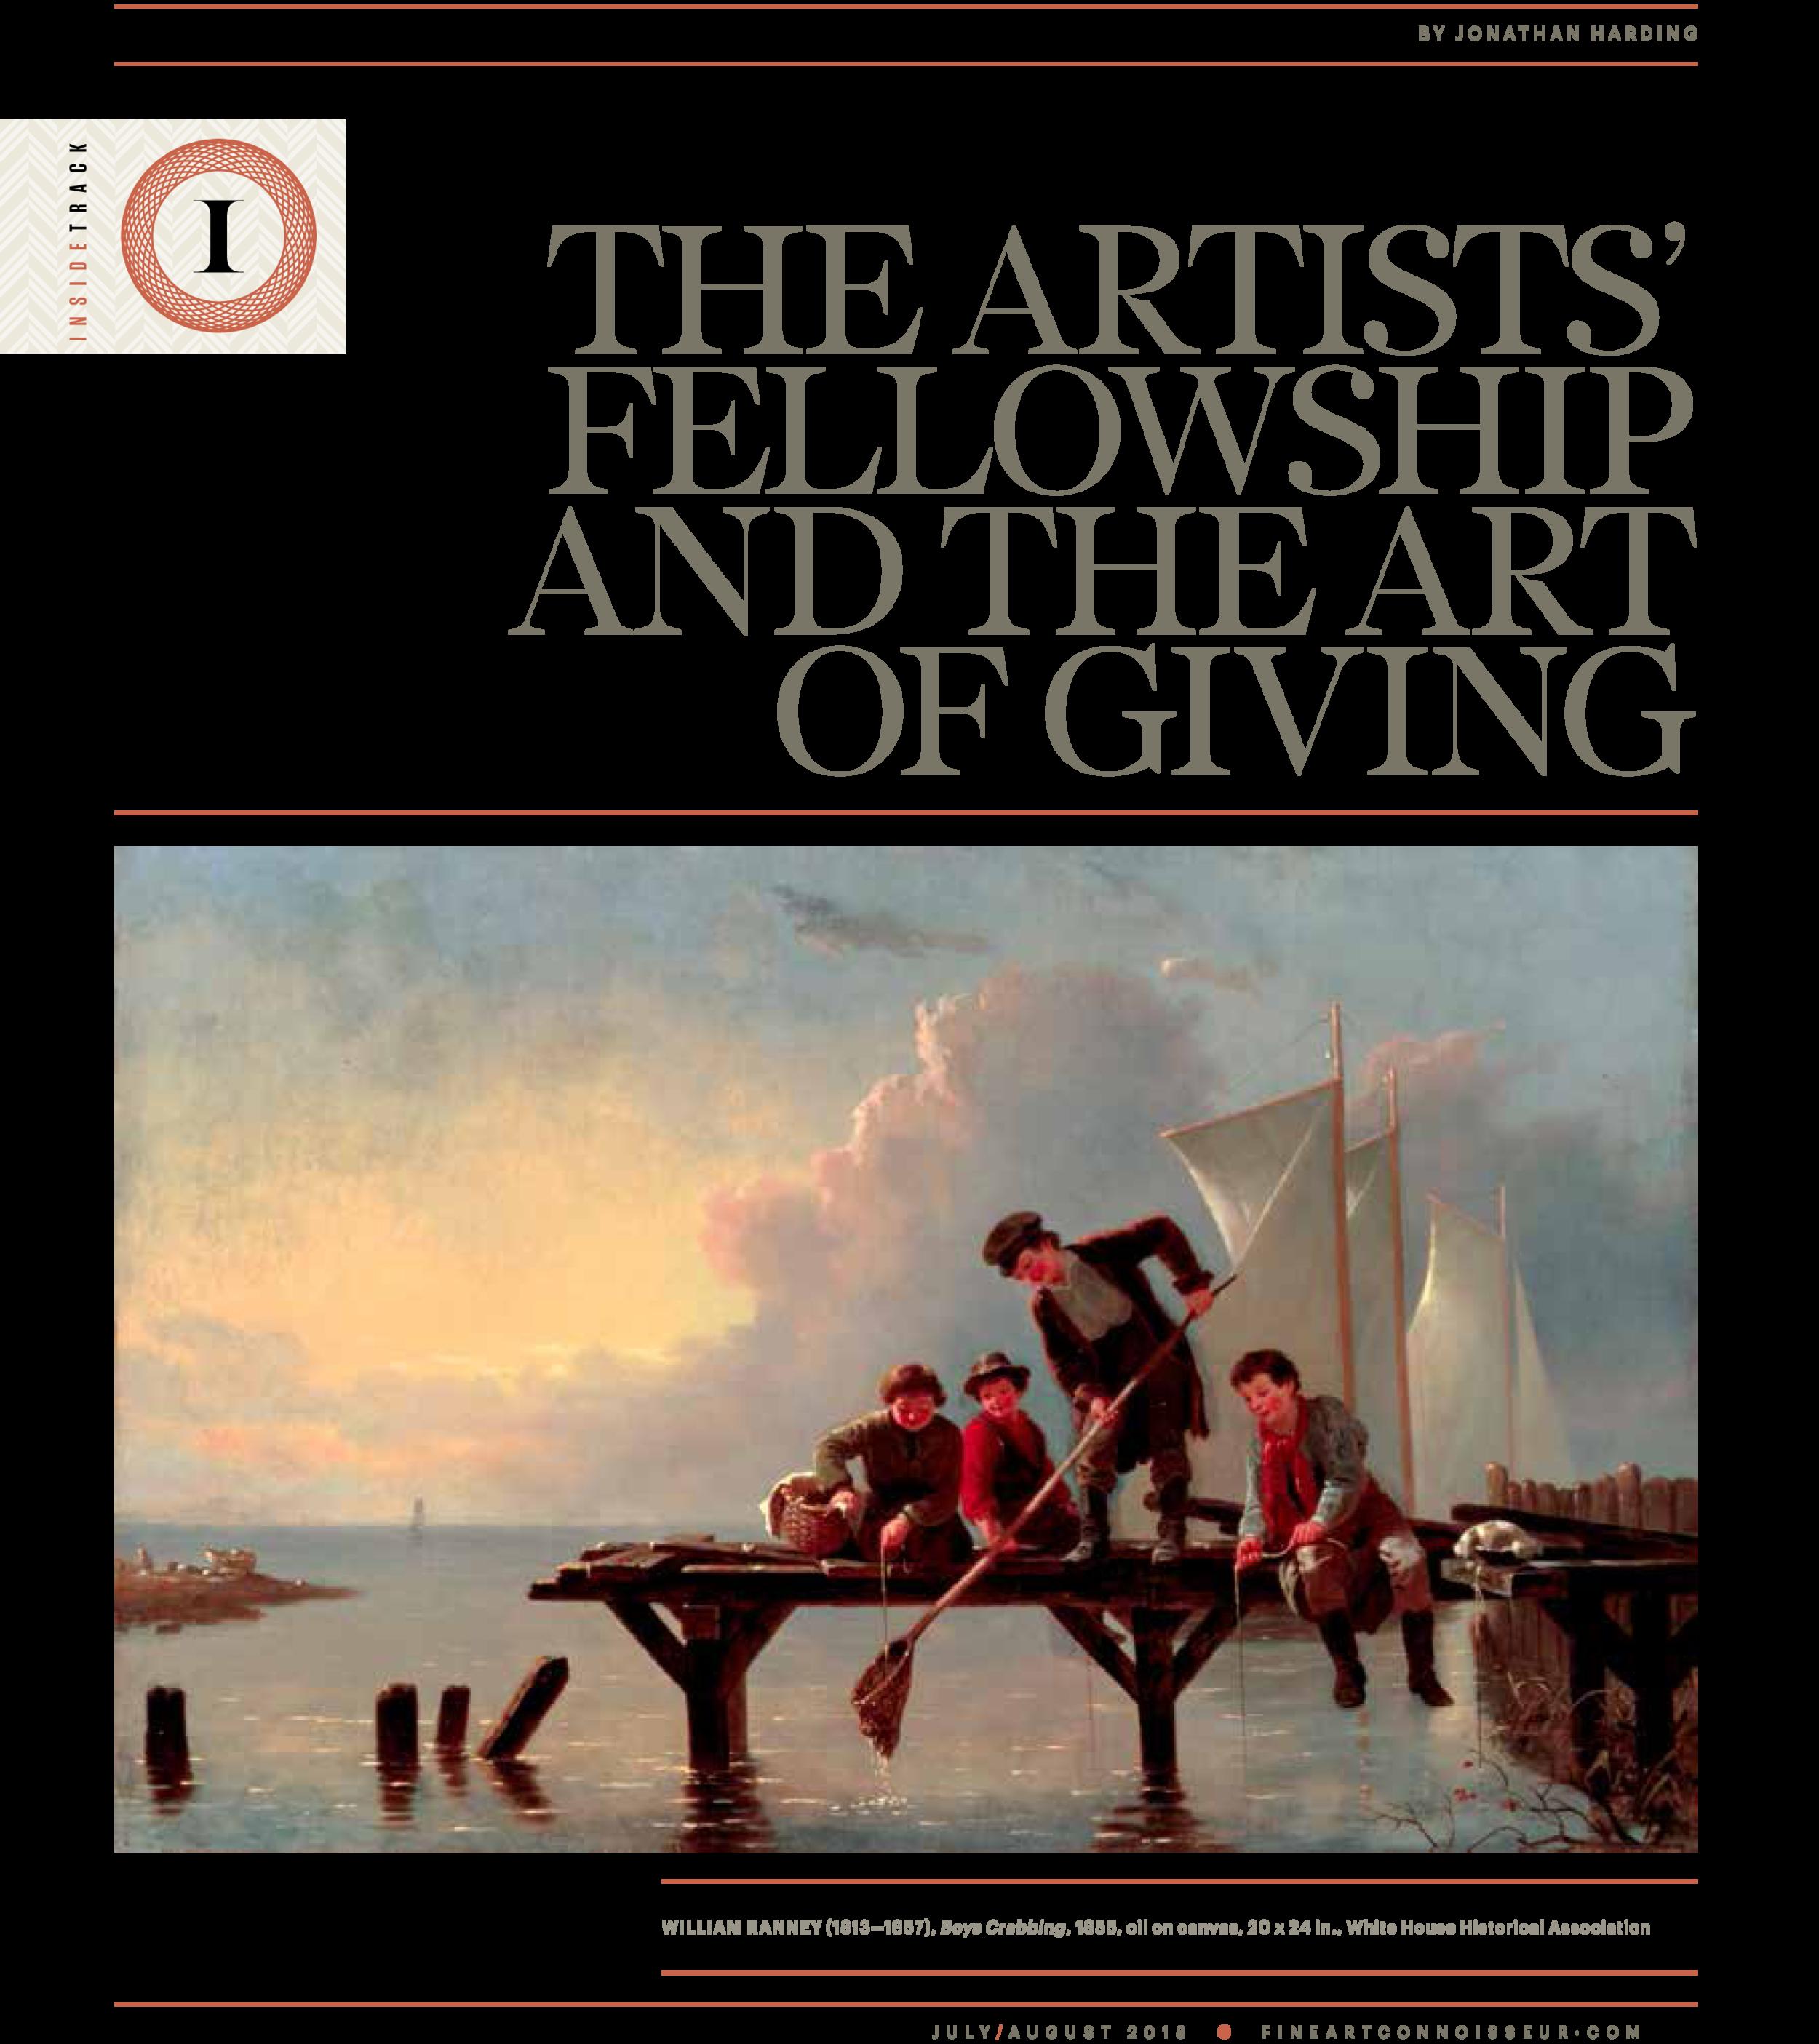 Artists-Fellowship-Fine-Art-Connoisseur-August-2018-1.png